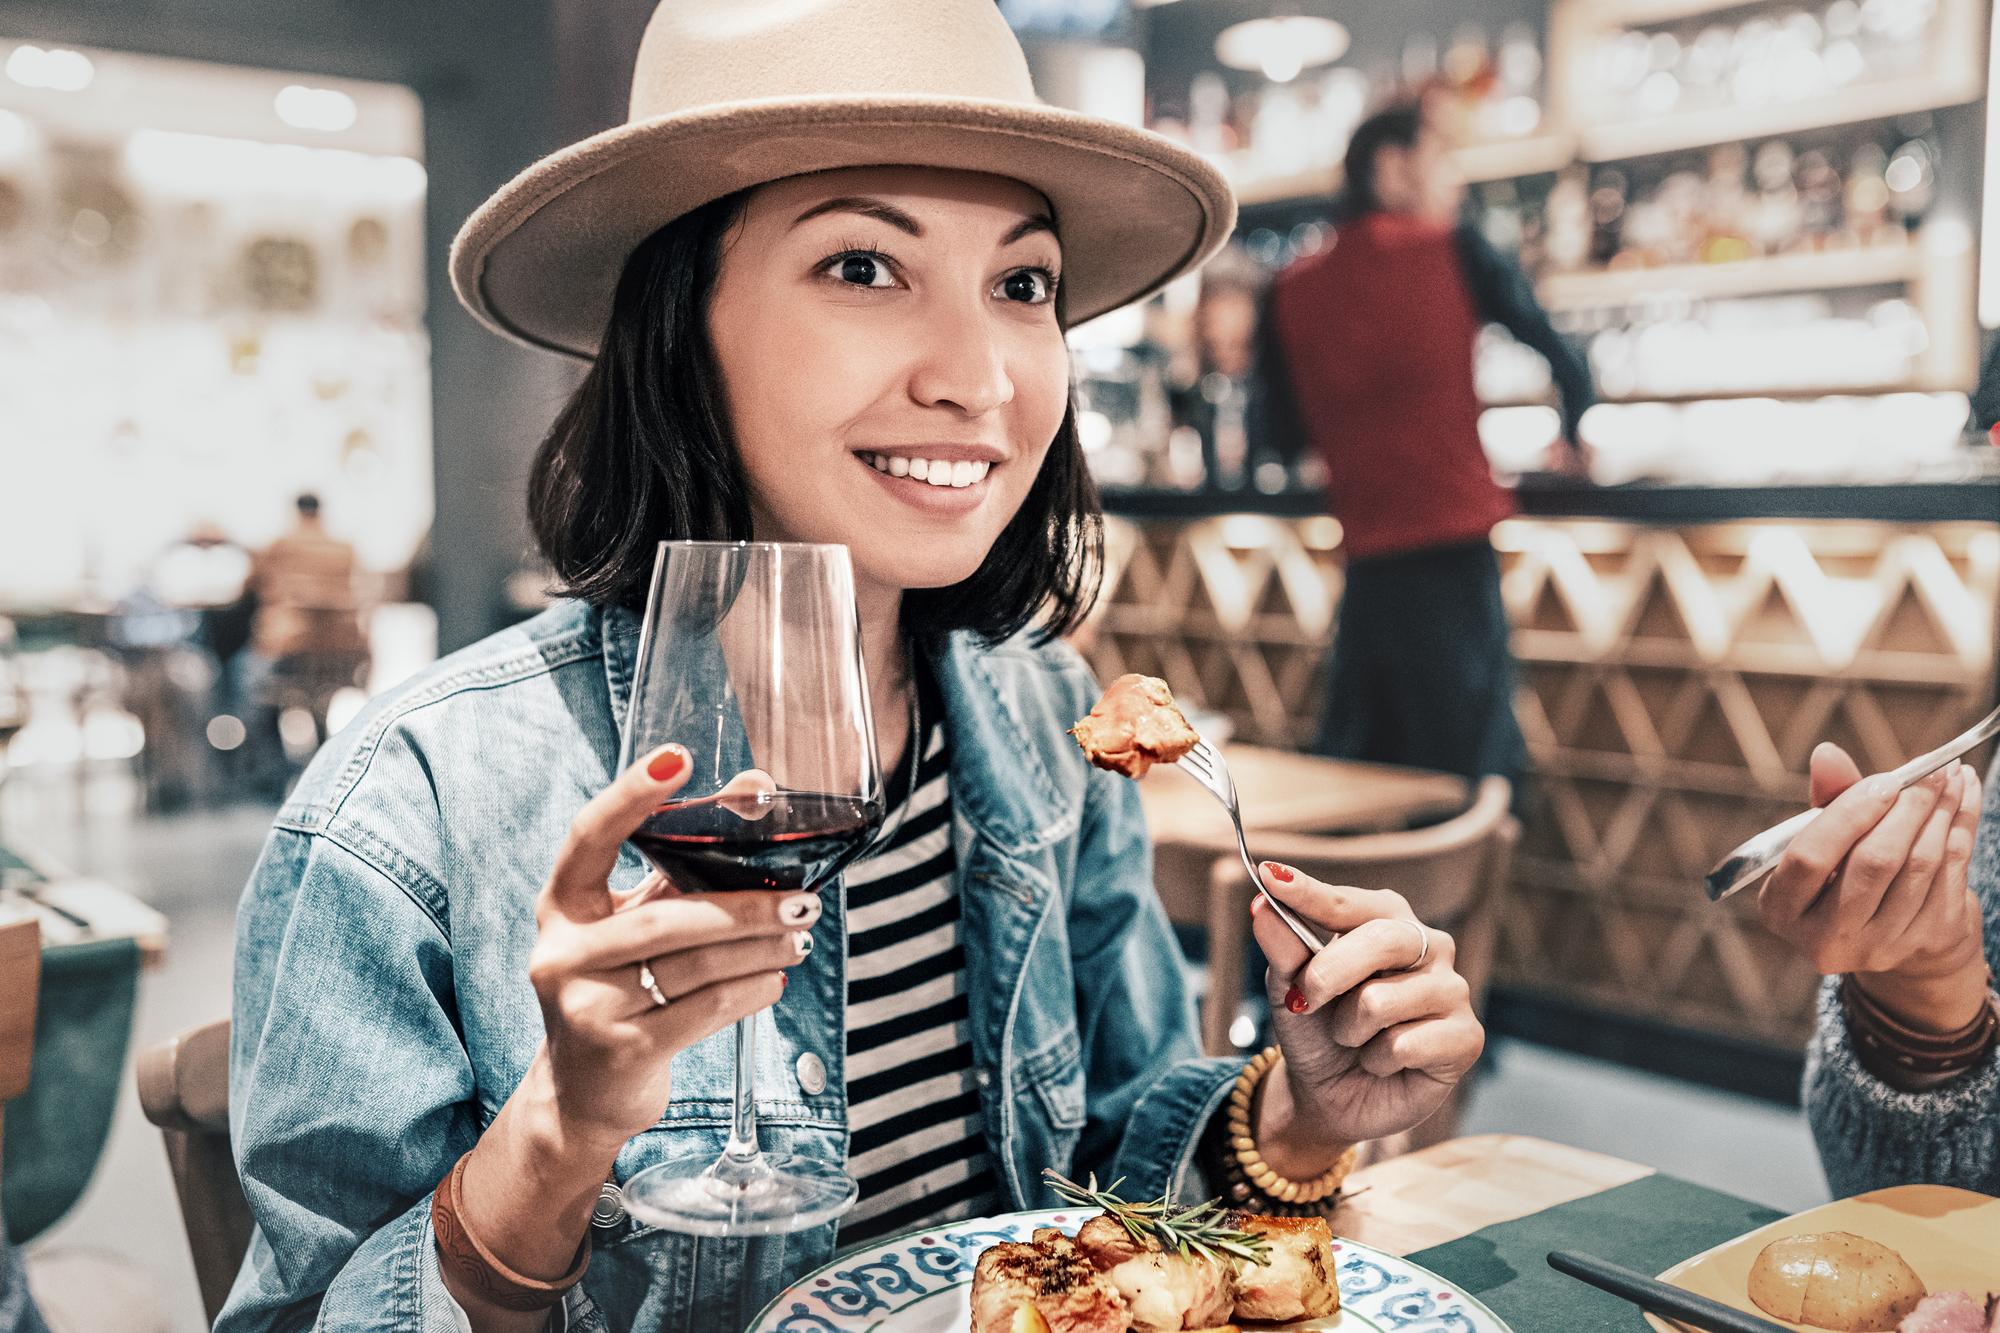 Считается, что алкоголь возбуждает аппетит. Но как? Например, вы можете ассоциировать красное вино свкусными блюдами ипотому, употребляя его, склонны съесть побольше. Но это неточно.